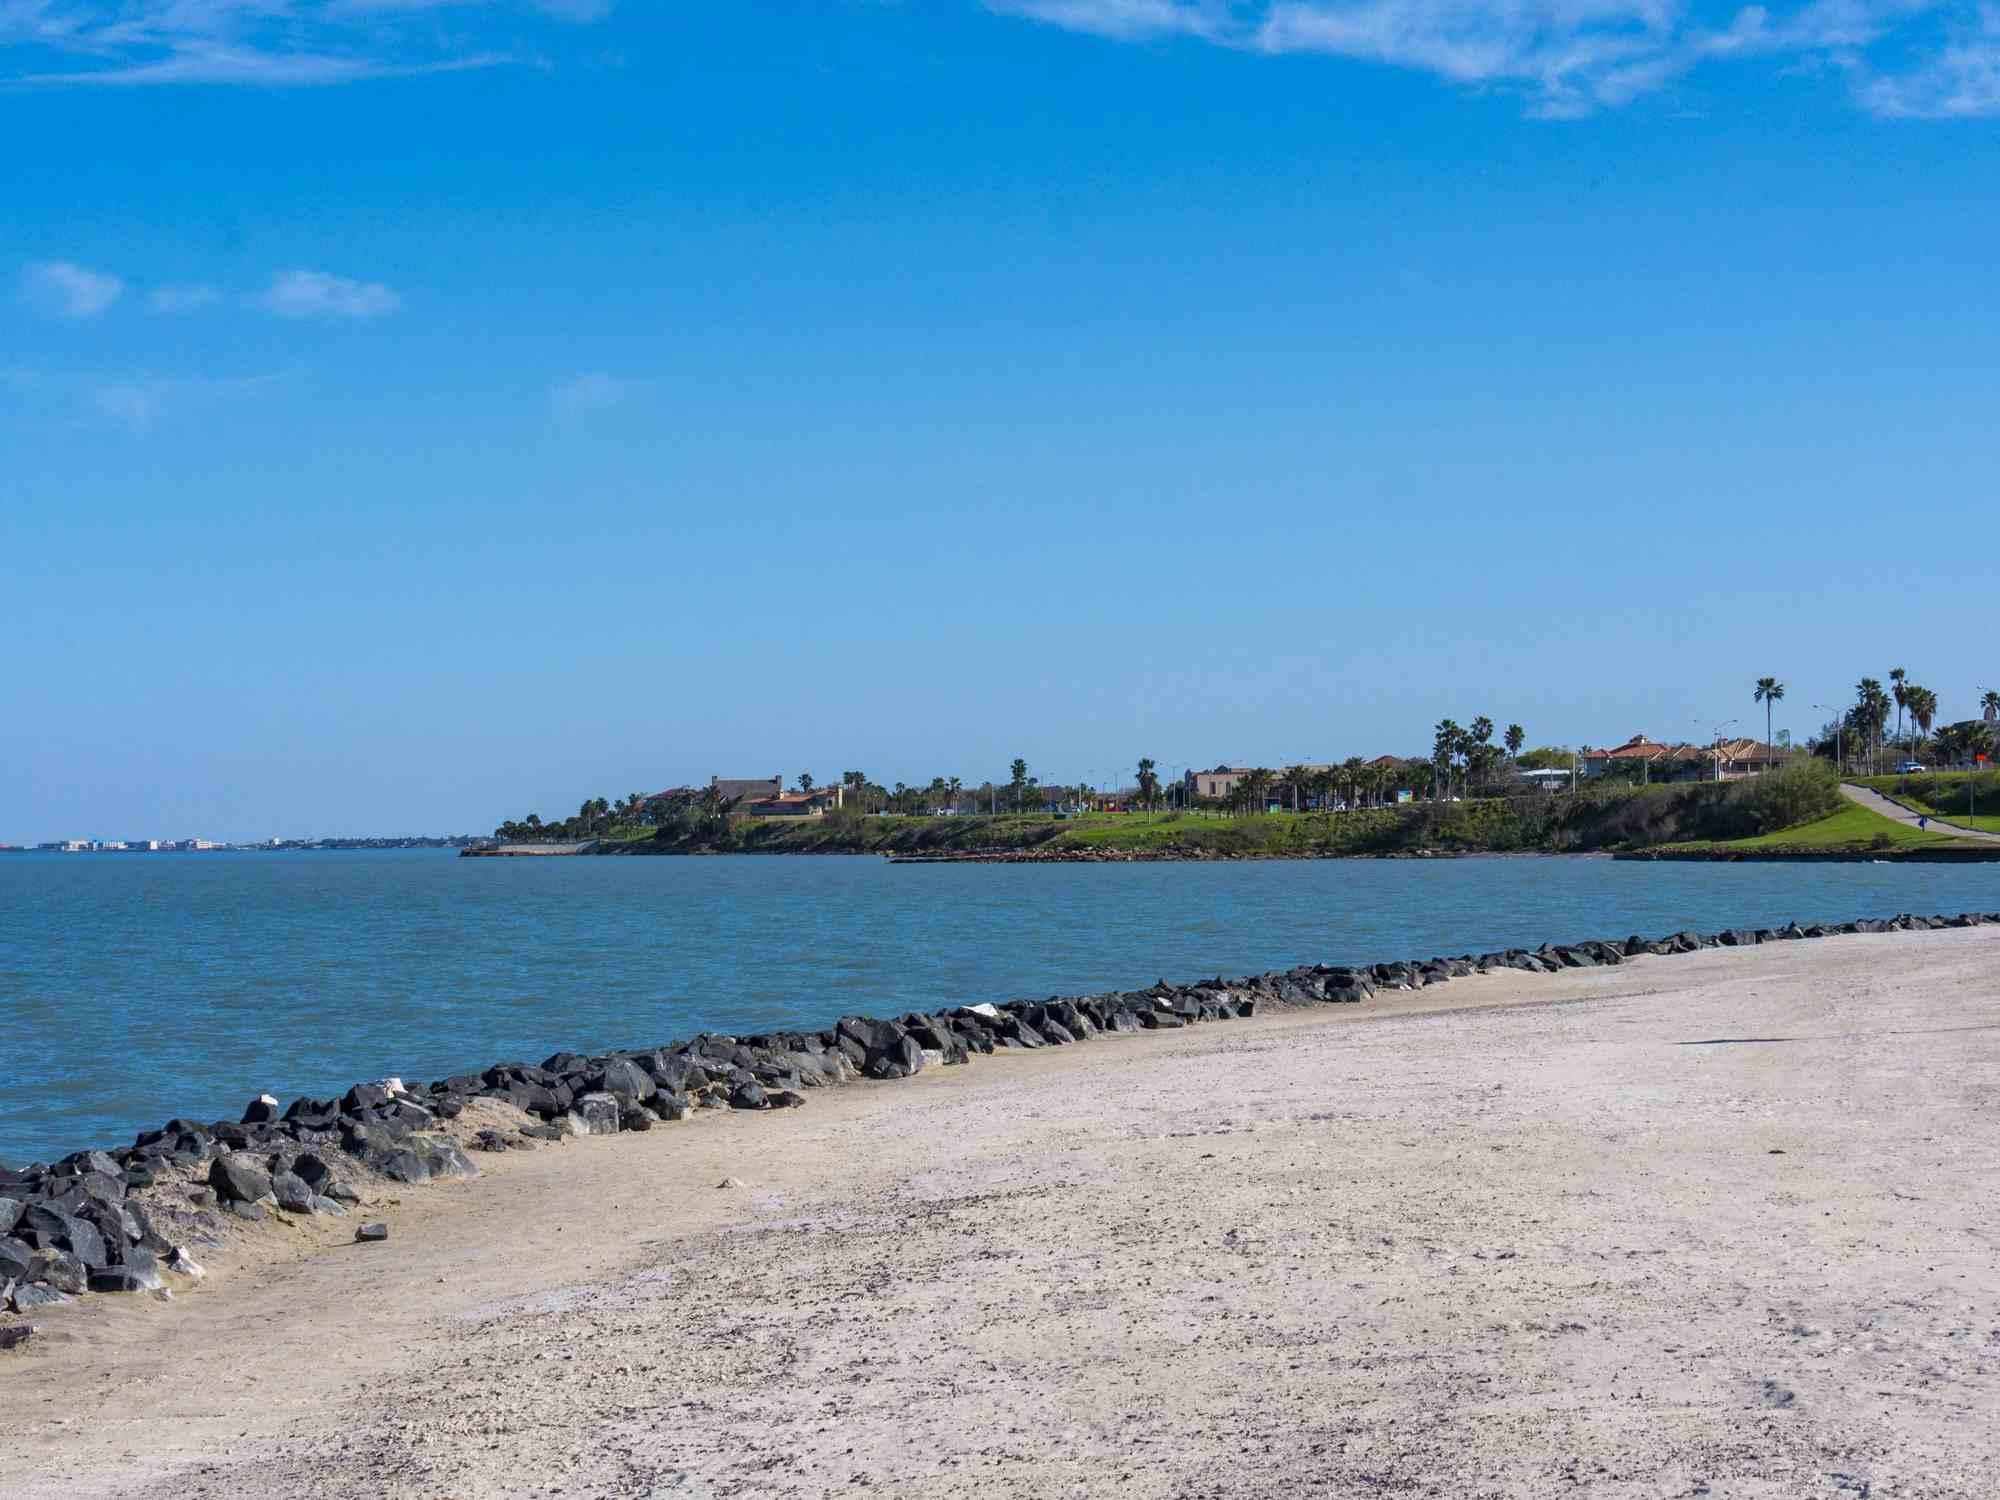 Parque escénico con vista a la Bahía de Corpus Christi